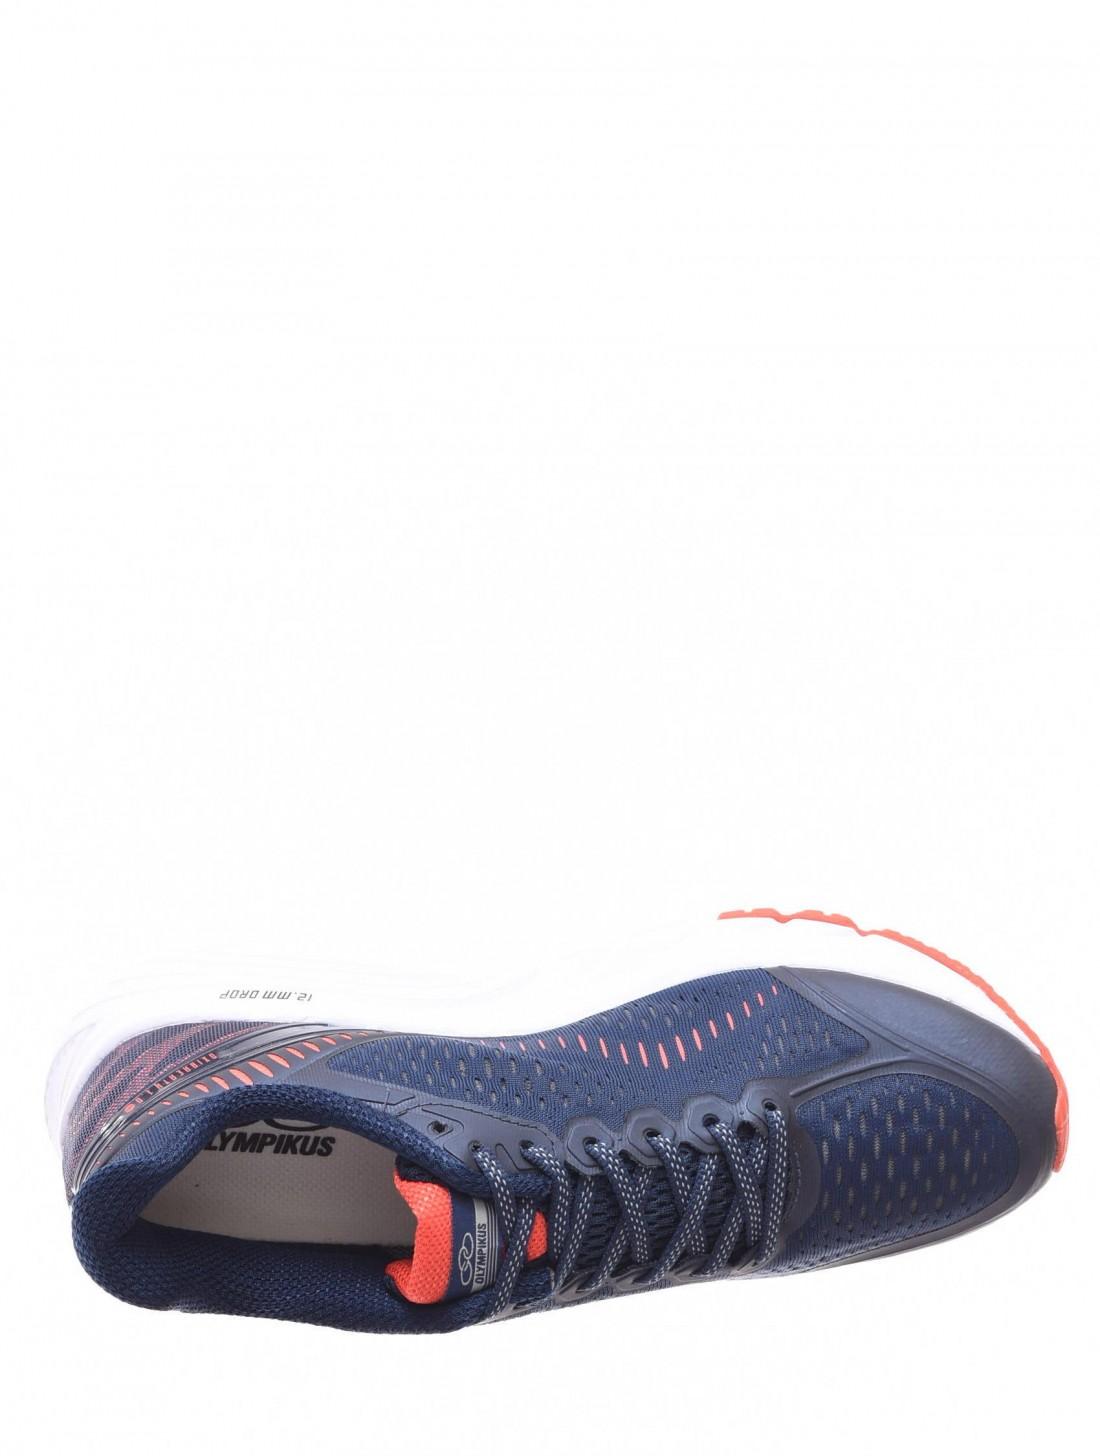 Tênis Olympikus Challenger Tecido Trabalhado Azul Marinho e Laranja ... 6d8c3f175ace3